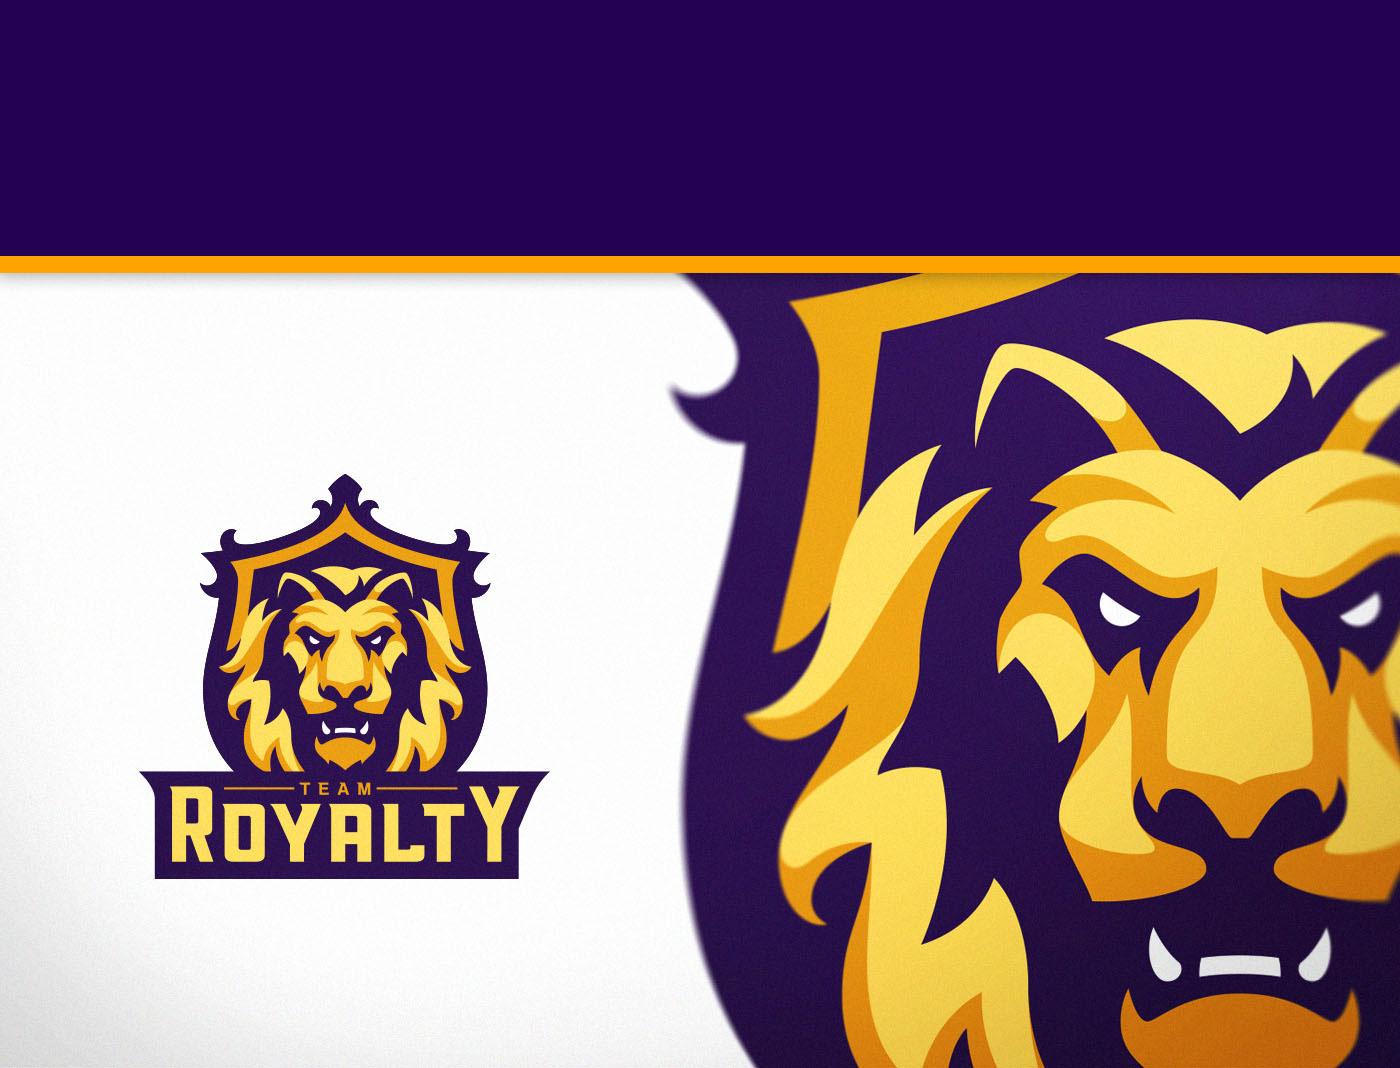 Yellow lion logo - photo#51